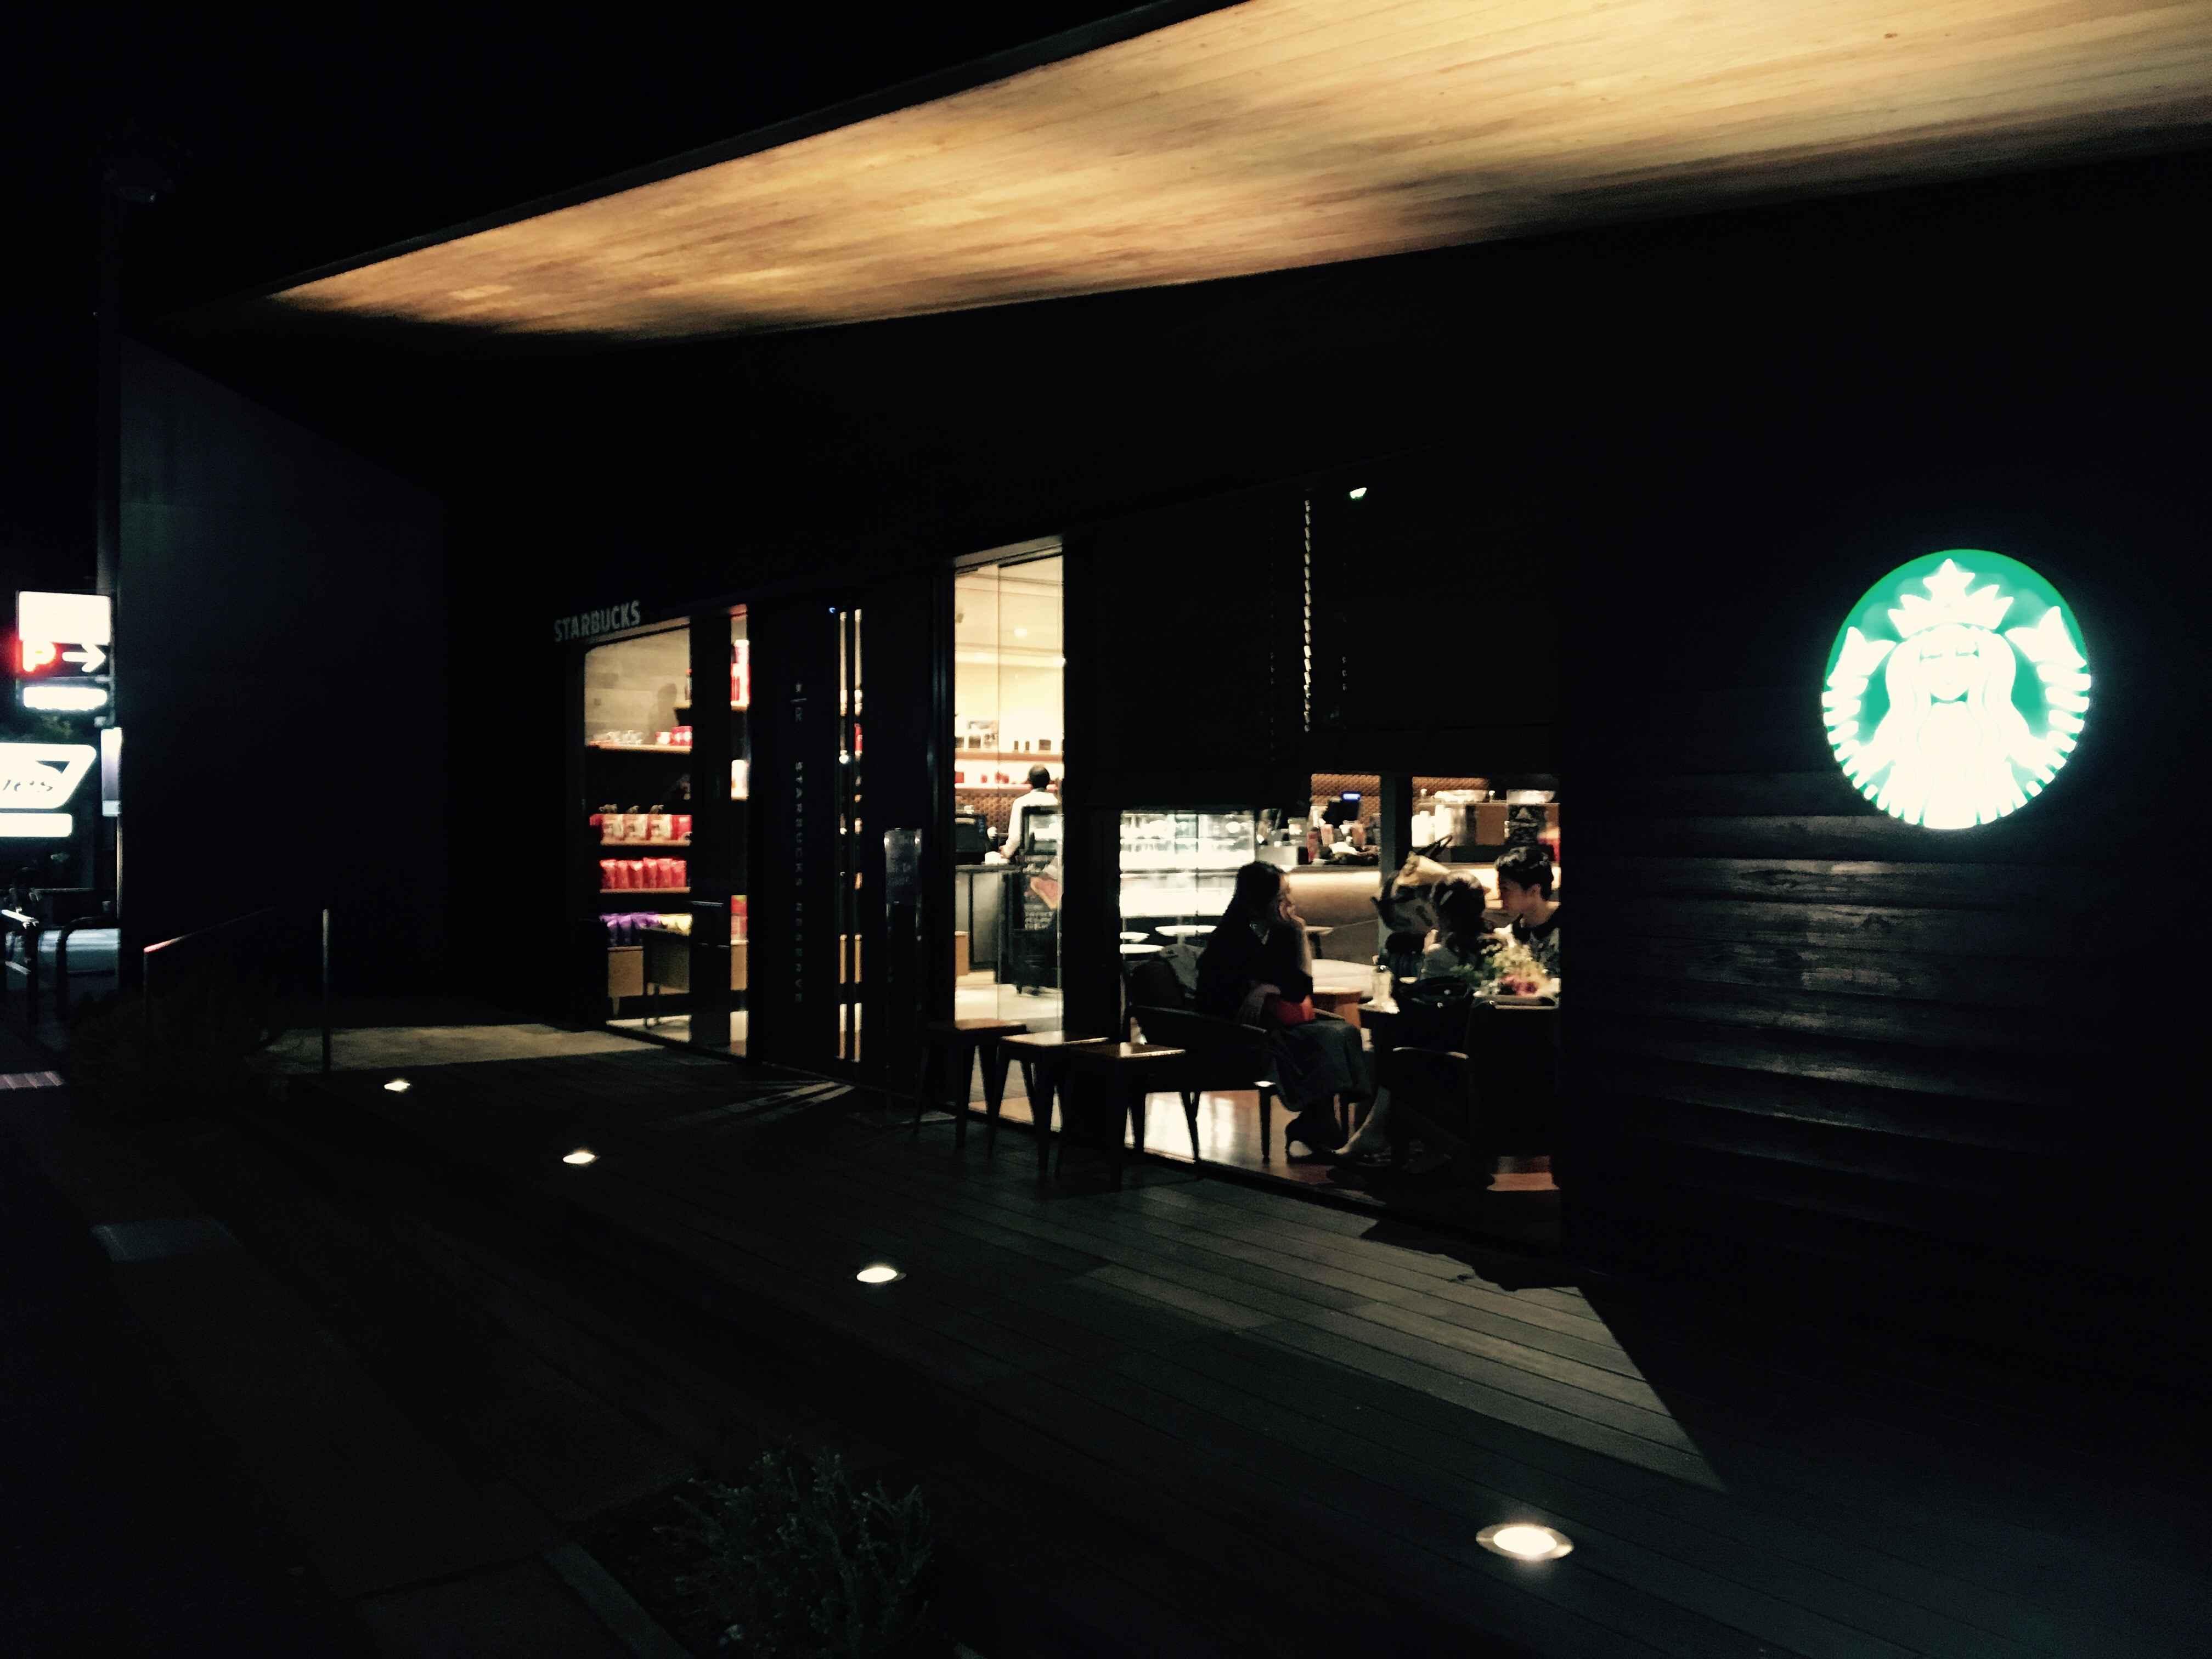 【鎌倉】スタバ好き必見!鮮烈なテラス席を有する『STARBACKS鎌倉御成町店』